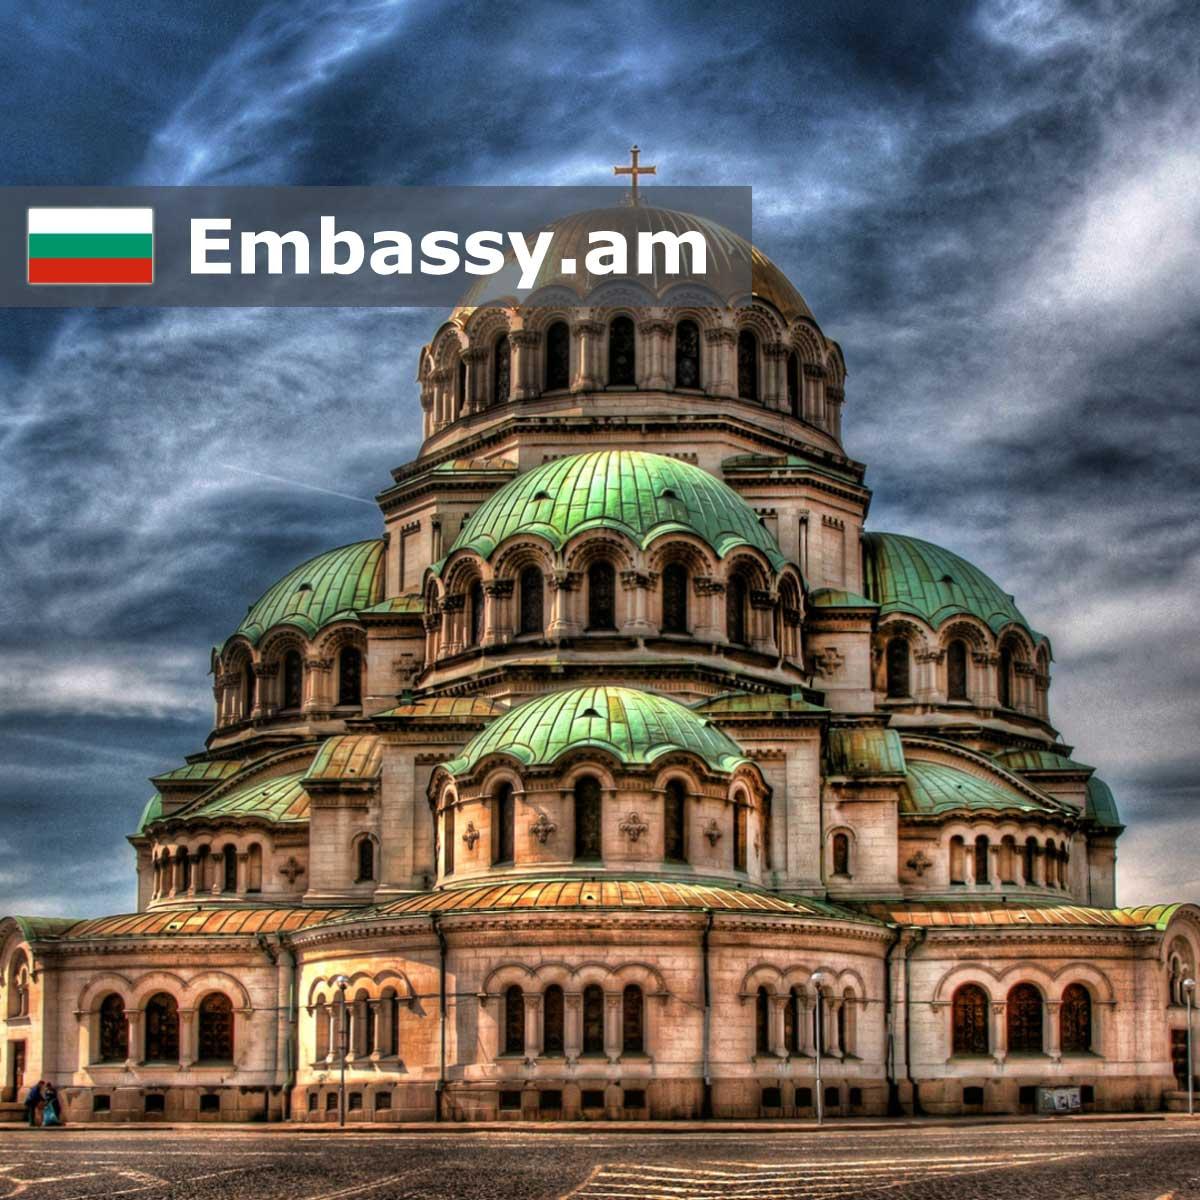 Отели в Болгарии - Embassy.am